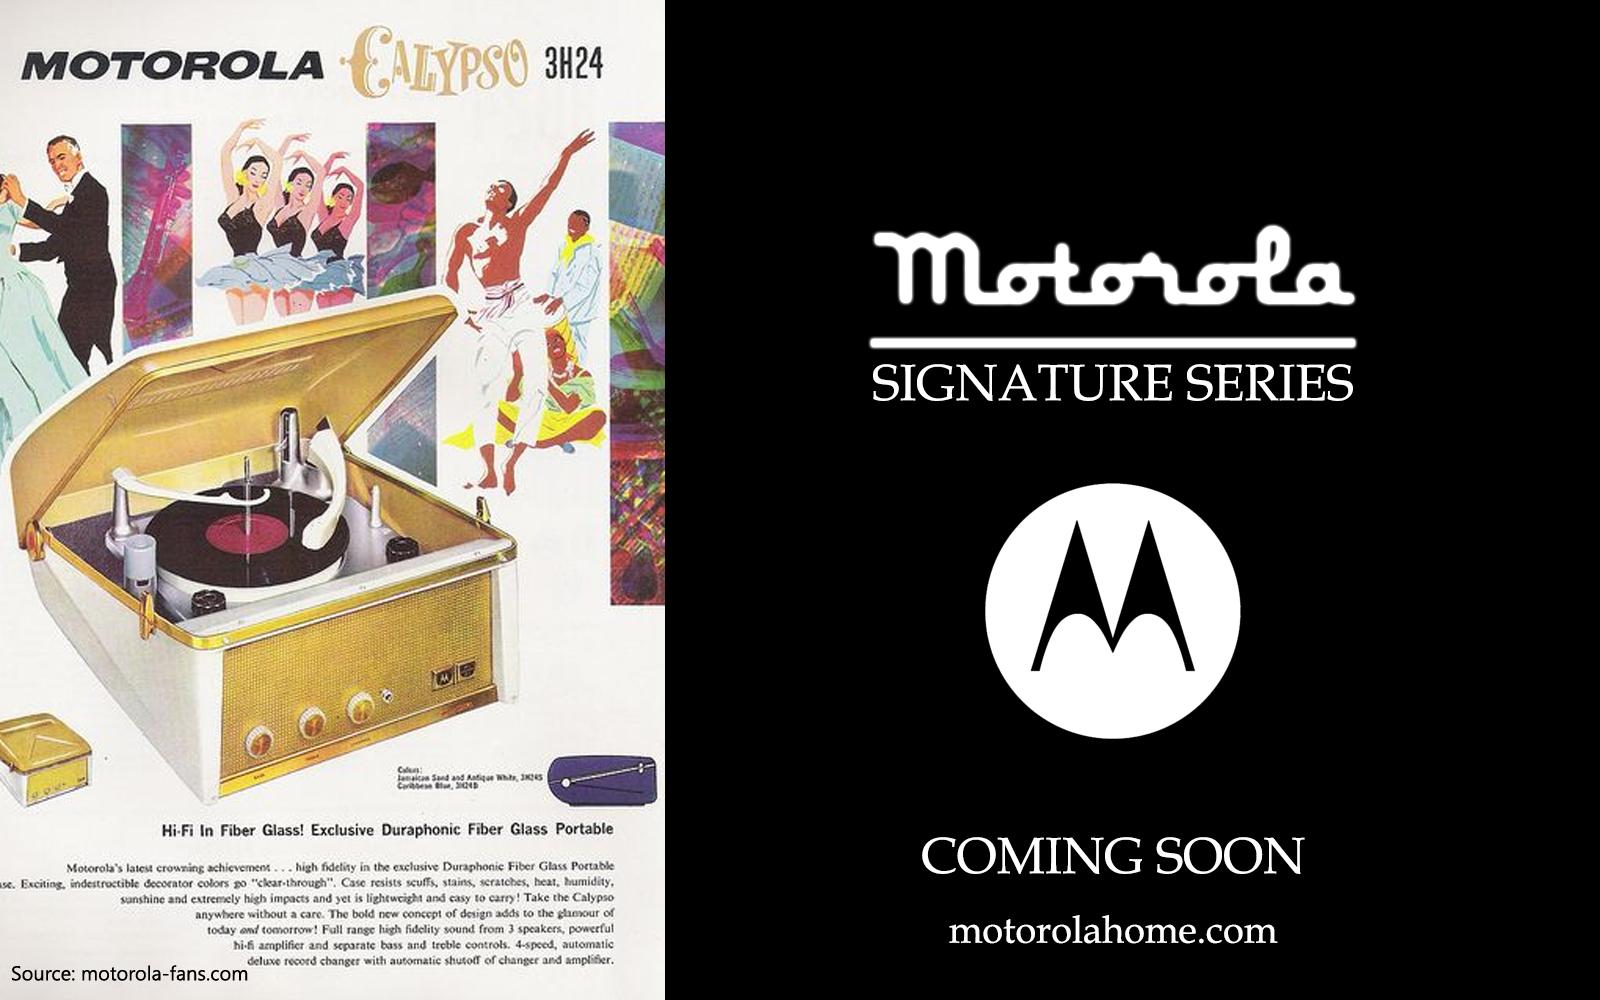 Motorola Signature Series